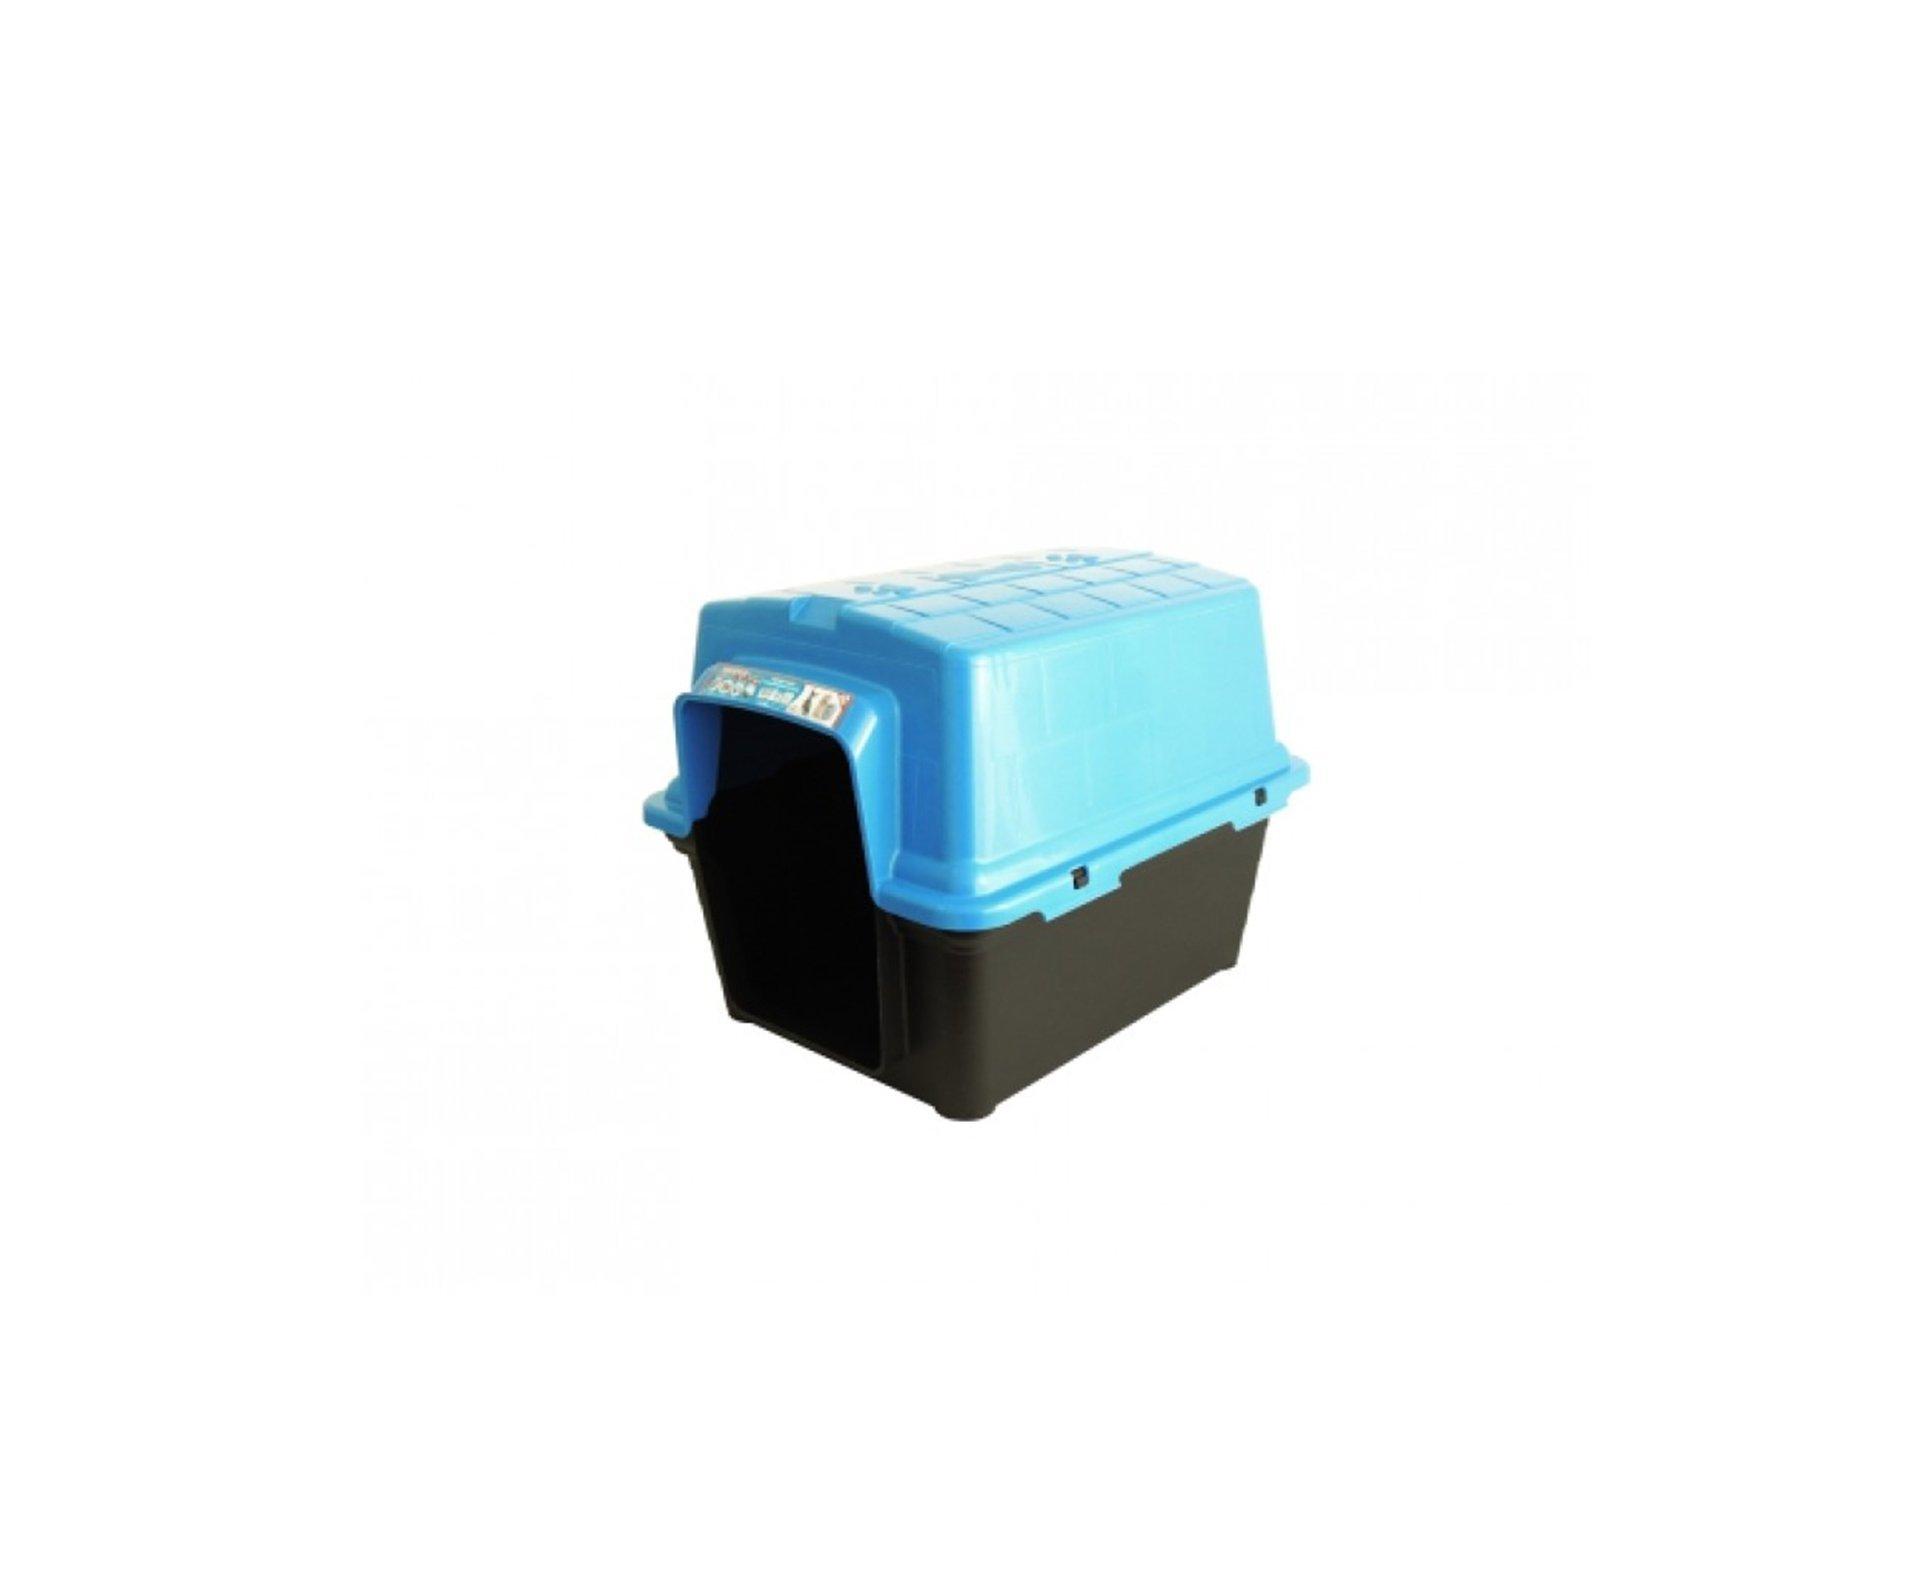 Casinha Para Cachorro -  Plastica 2 Em 1  N 2,0 - Azul - Furacãopet